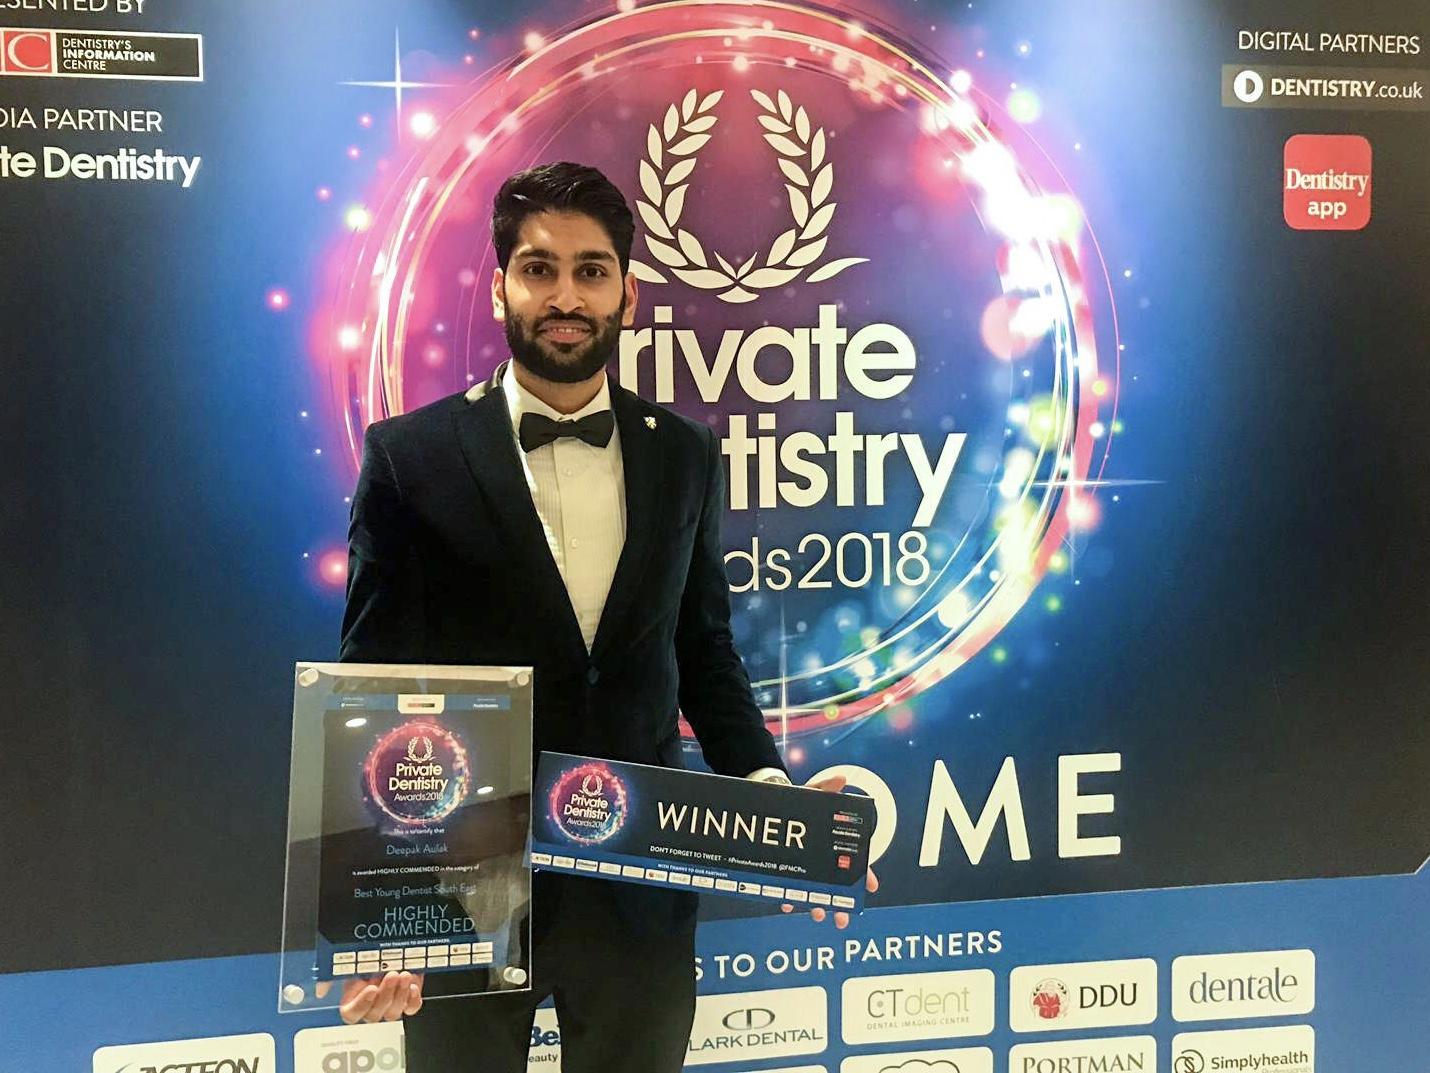 Best Young Dentist South East Winner - Dr Deepak Aulak